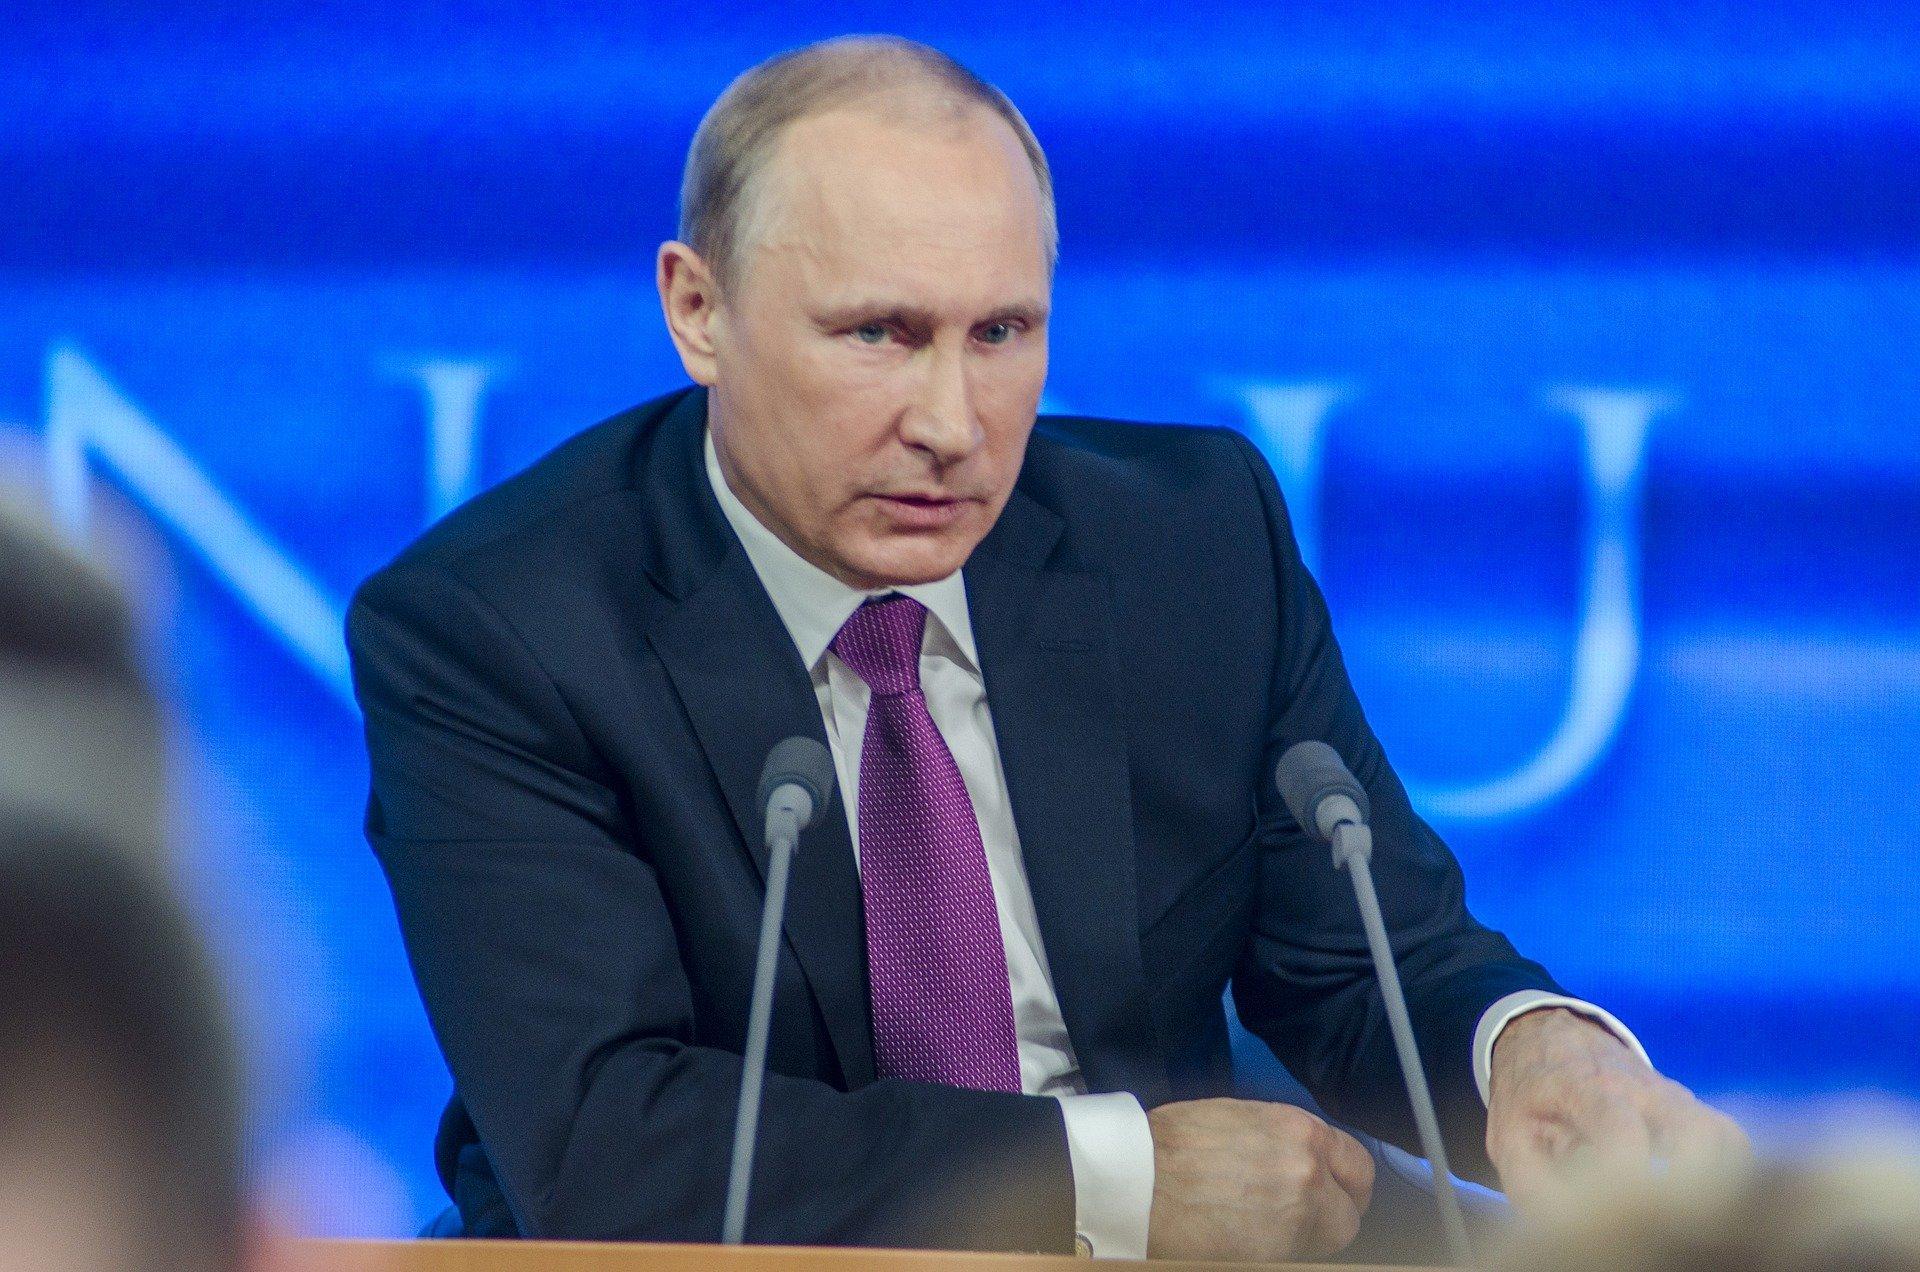 Владимир Путин заявил, что Россия снизит парниковые выбросы к 2050 году